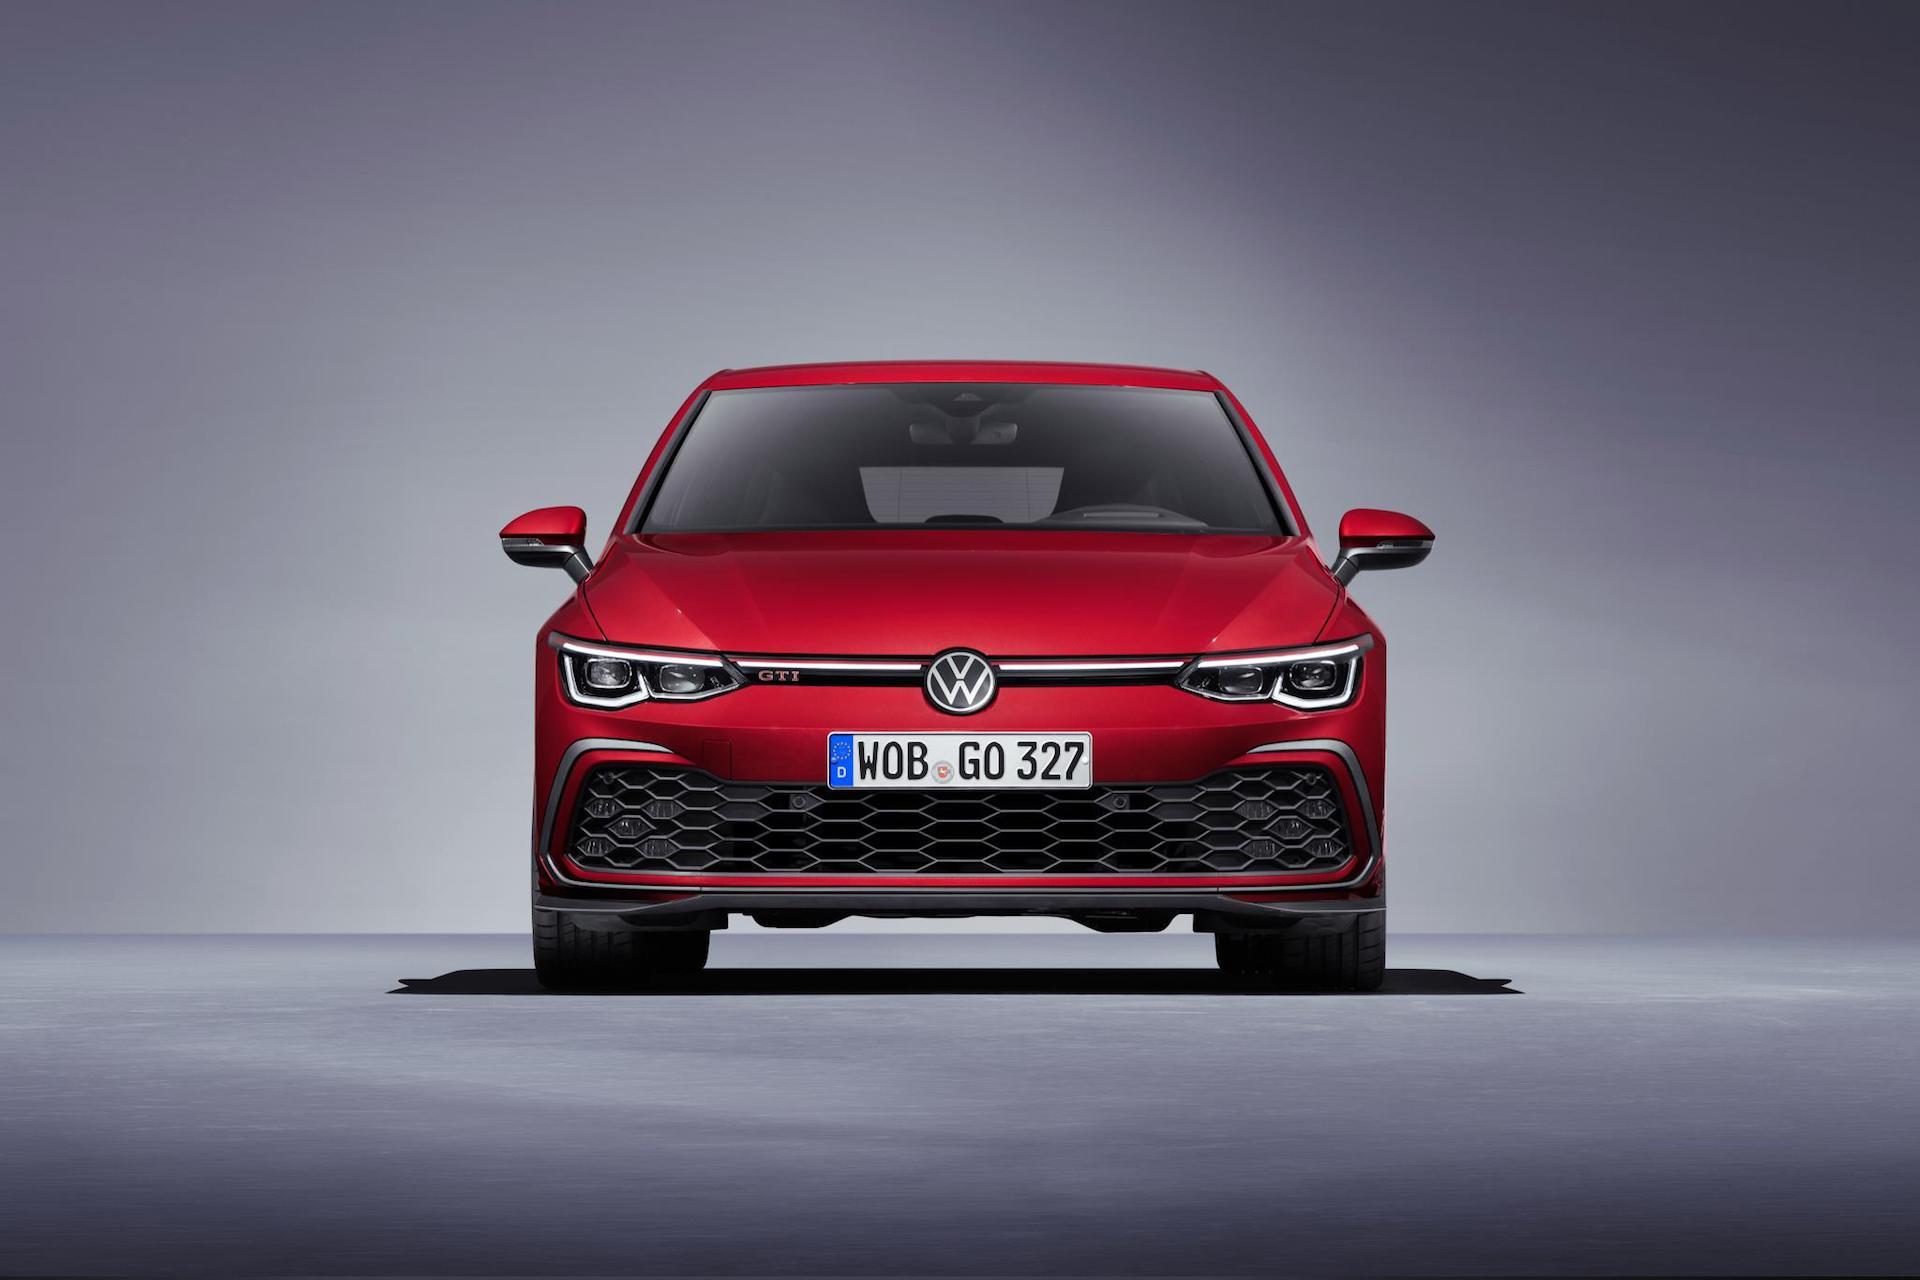 Volkswagen Golf Gti Gtd Gte 2020 4